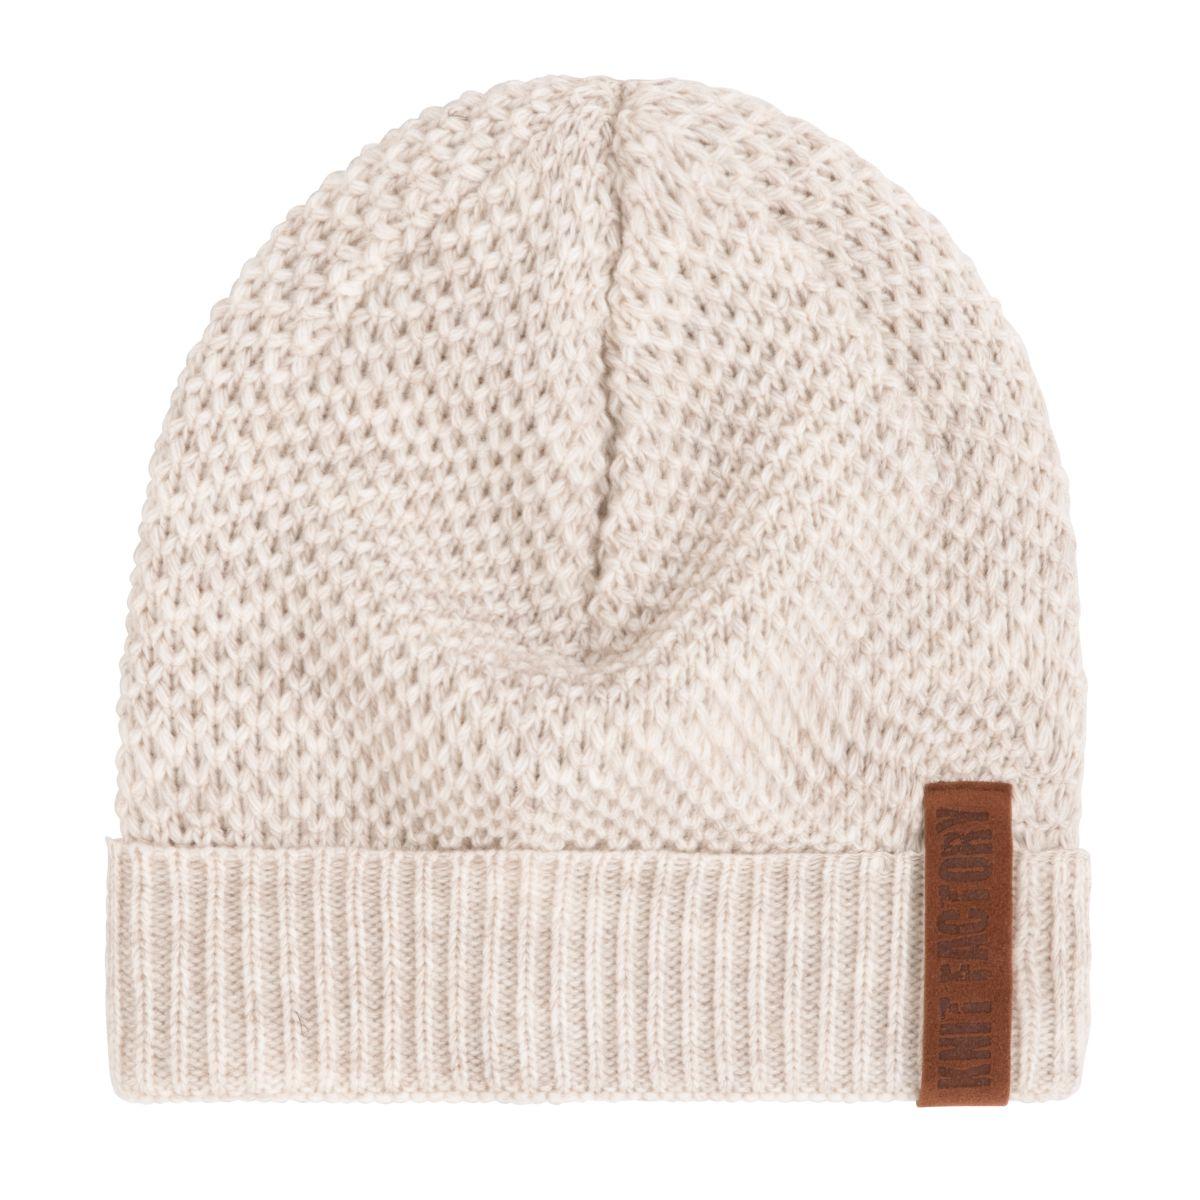 knit factory 1237012 jazz beanie beige 1